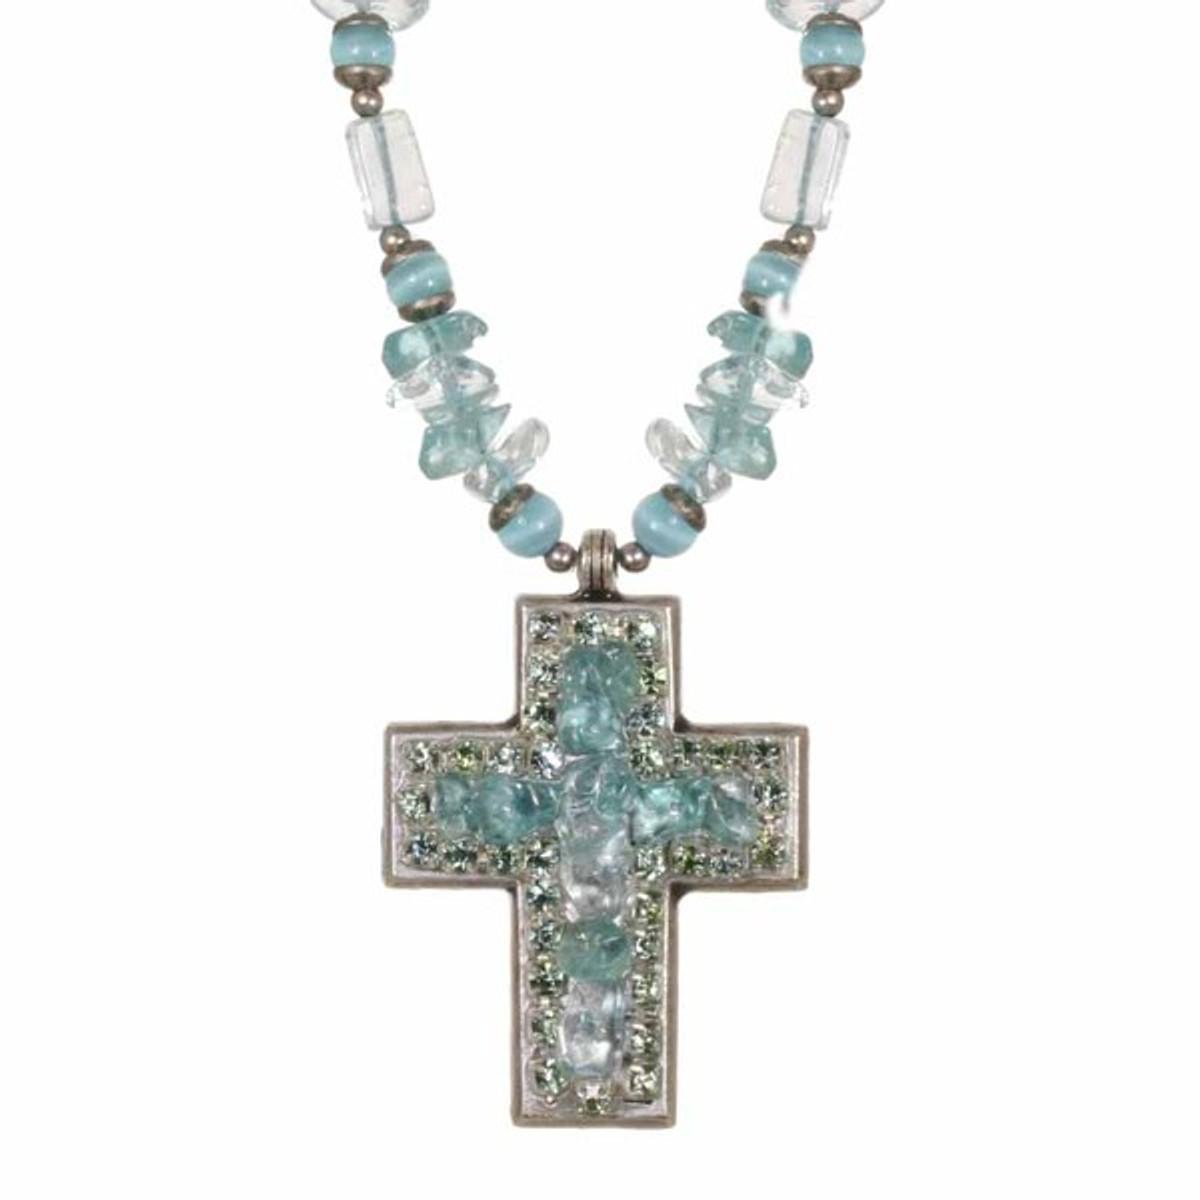 Medium Aqua Cross Necklace